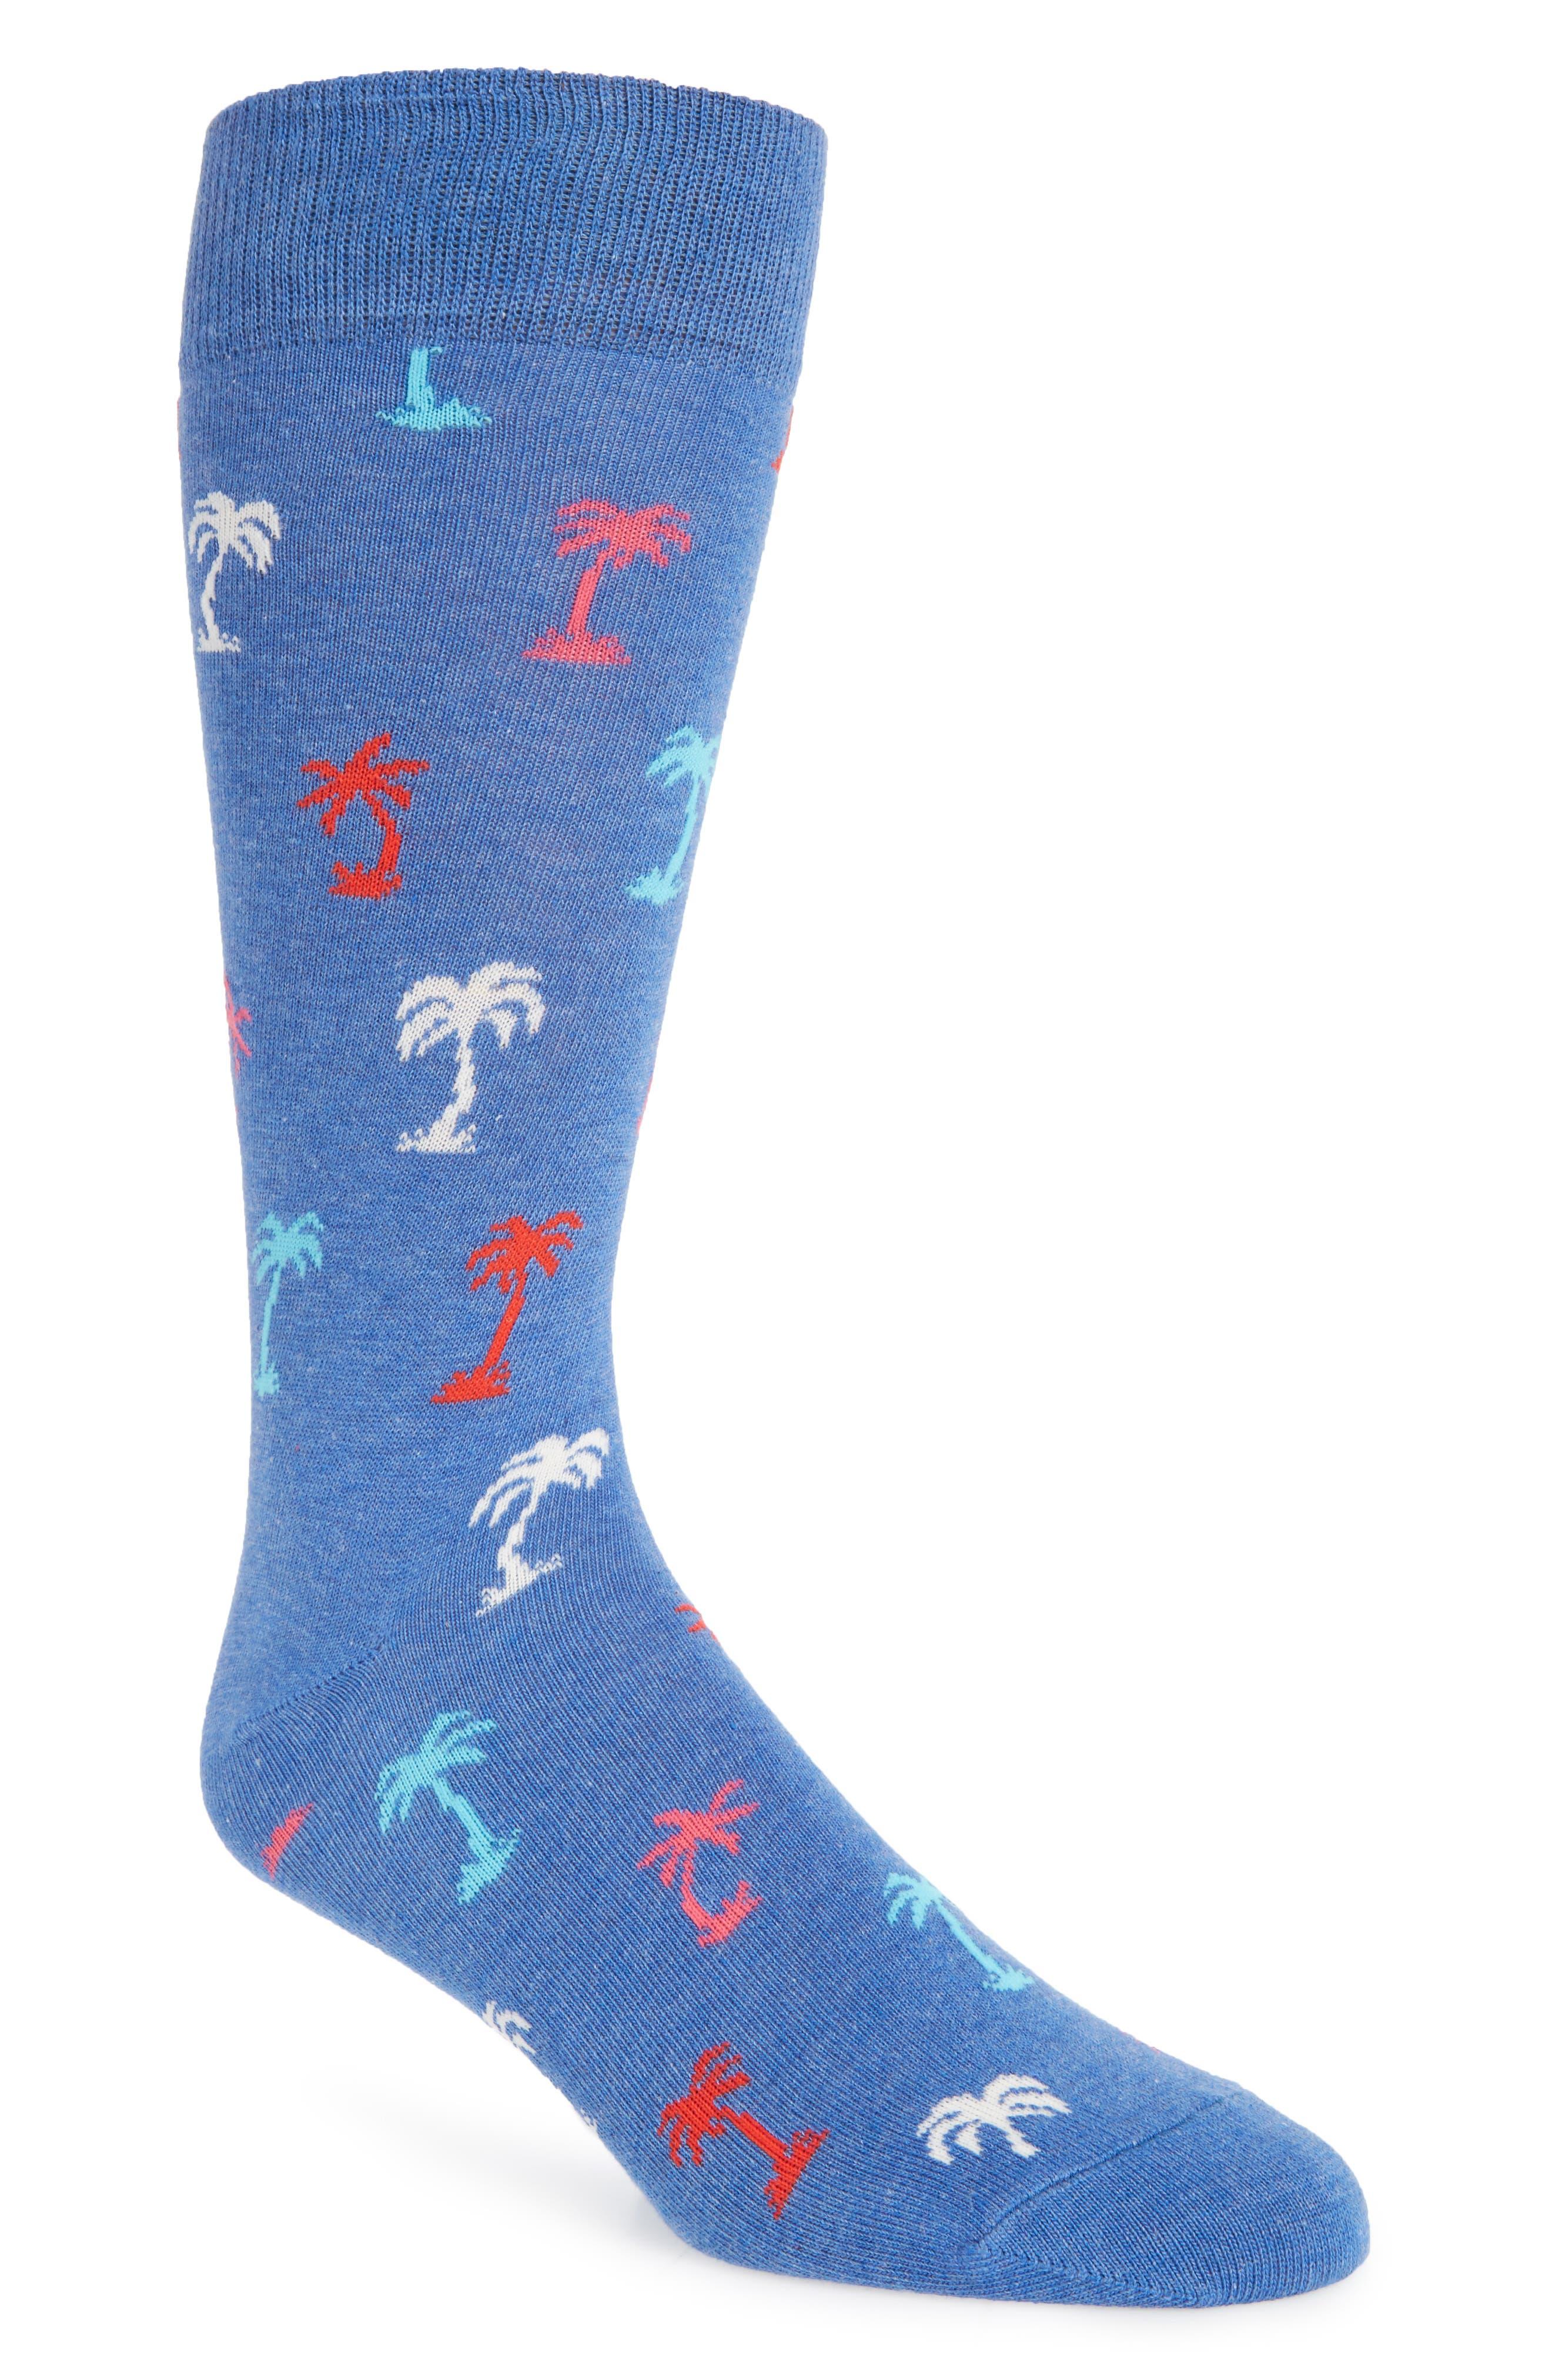 Main Image - Happy Socks Palm Beach Socks